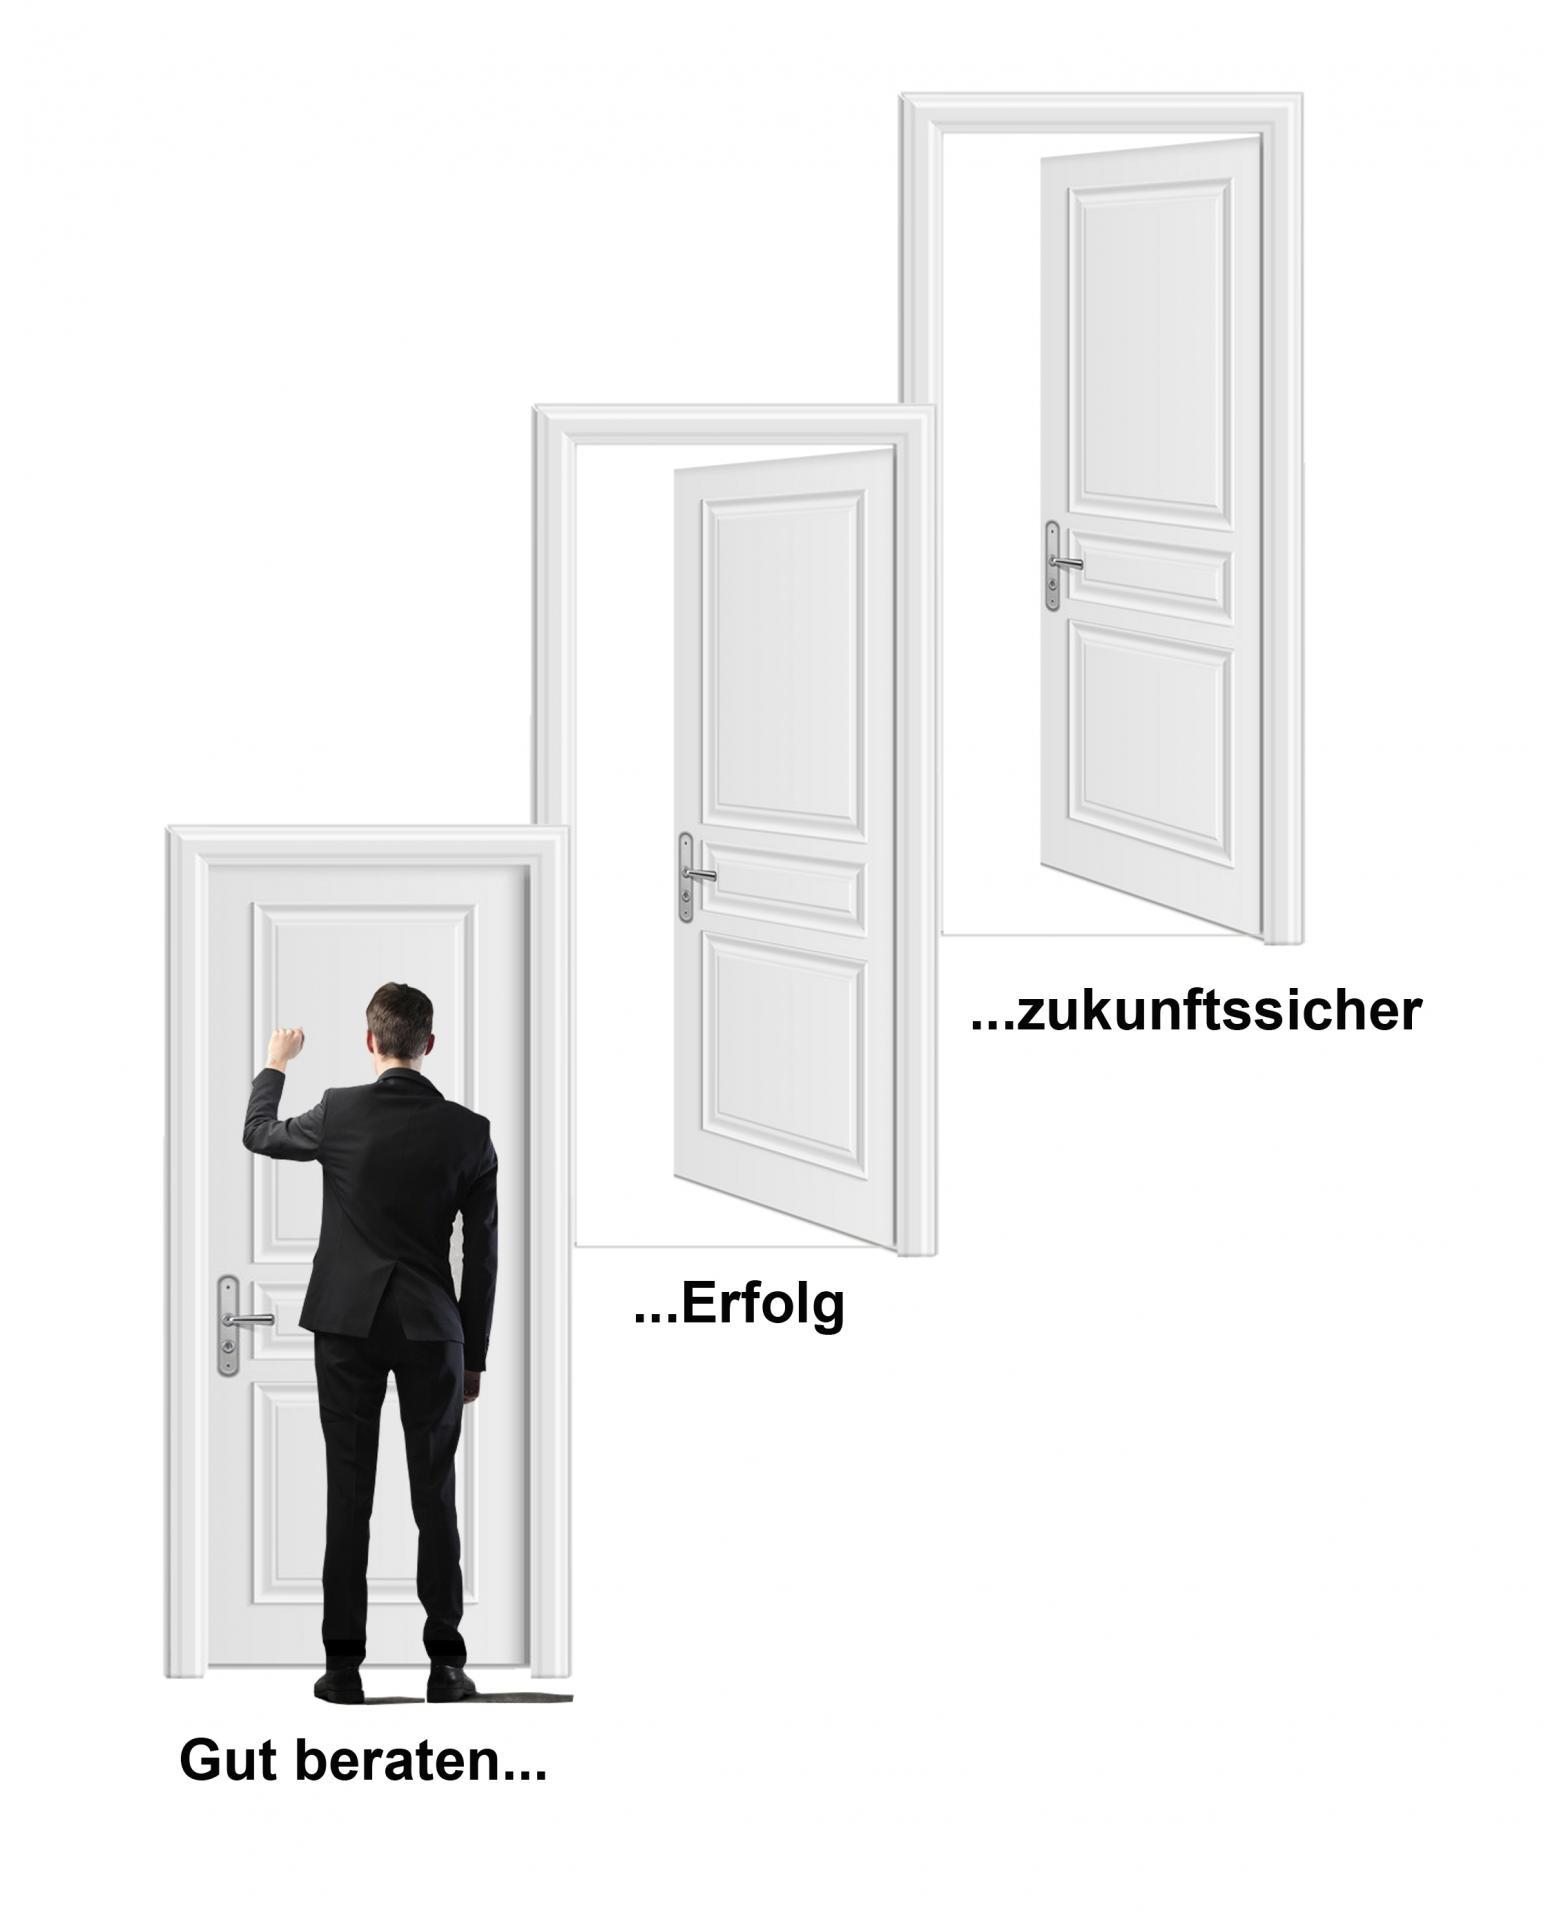 Mann mit Tür